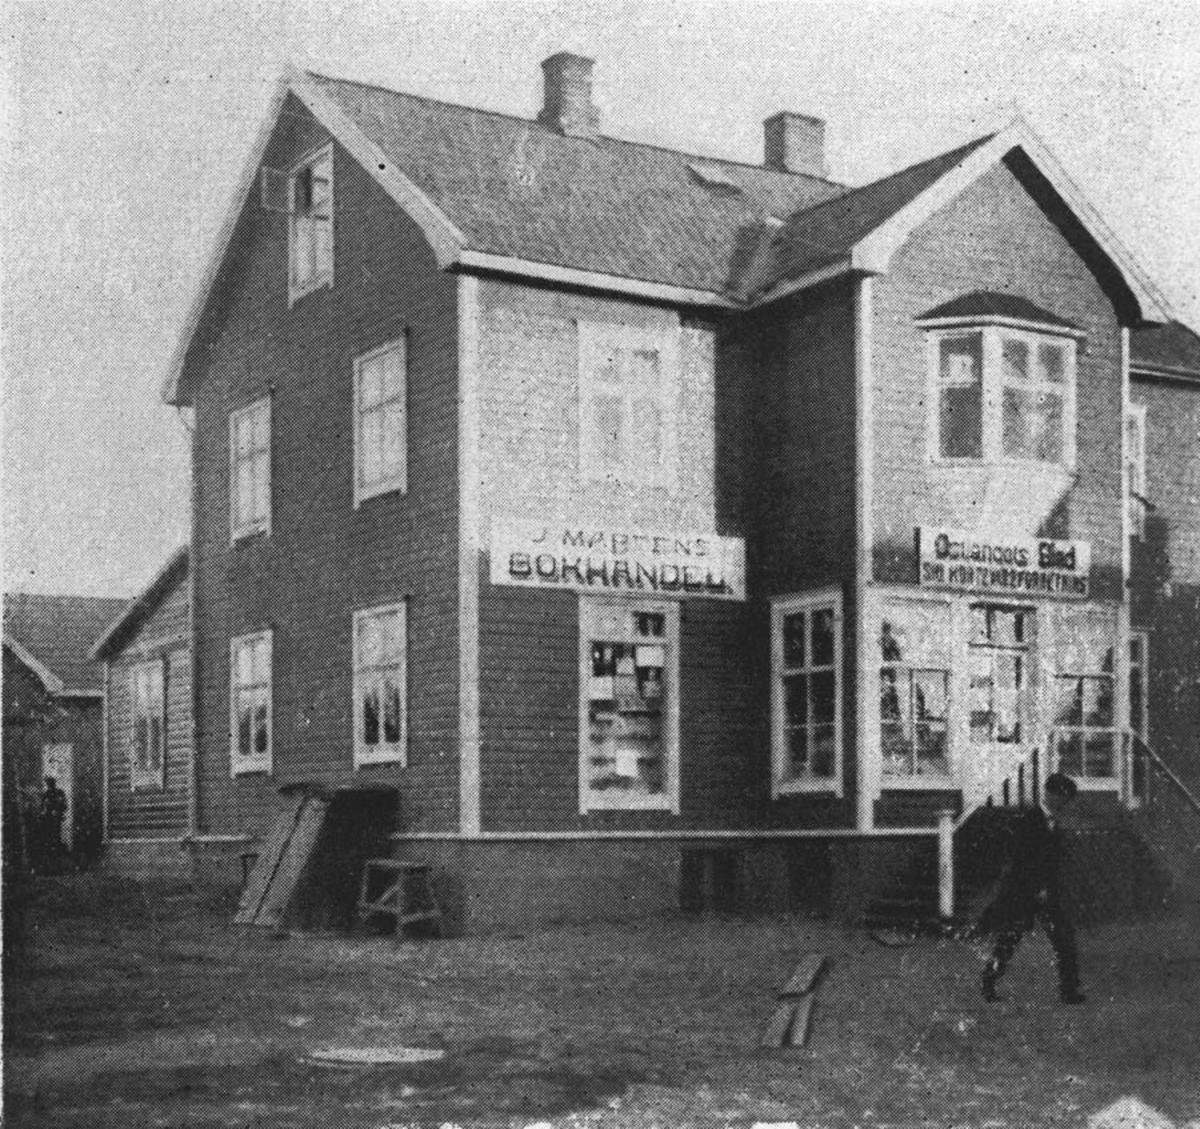 Ski Kortevareforretning. Dette var den første kortevareforretning i Ski. Den ble etablert rett før lillejulaften 1920. I 1920 ble forretningen utvidet til assortert bokhandel. I 1925 beskjeftighet forretningen 3-4 personer.